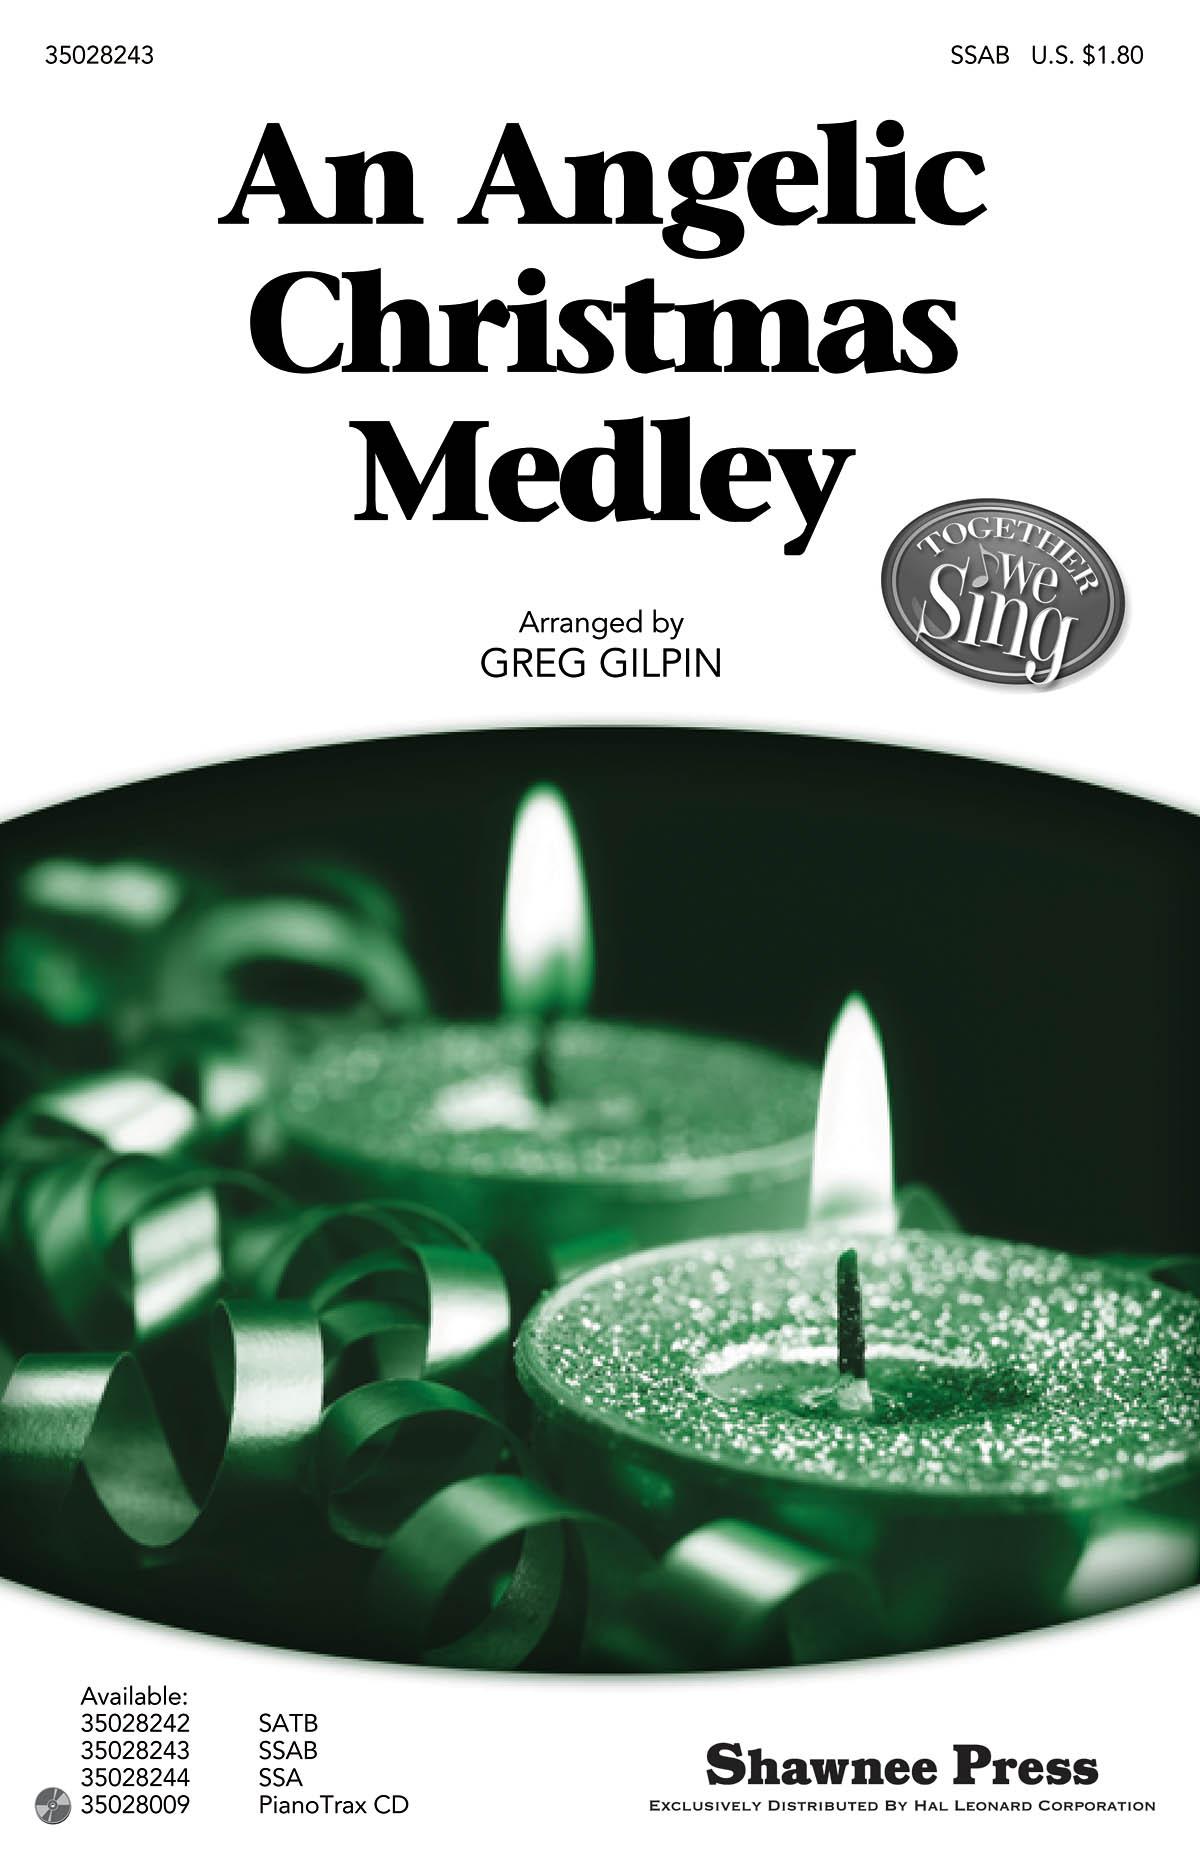 An Angelic Christmas Medley: Mixed Choir: Vocal Score